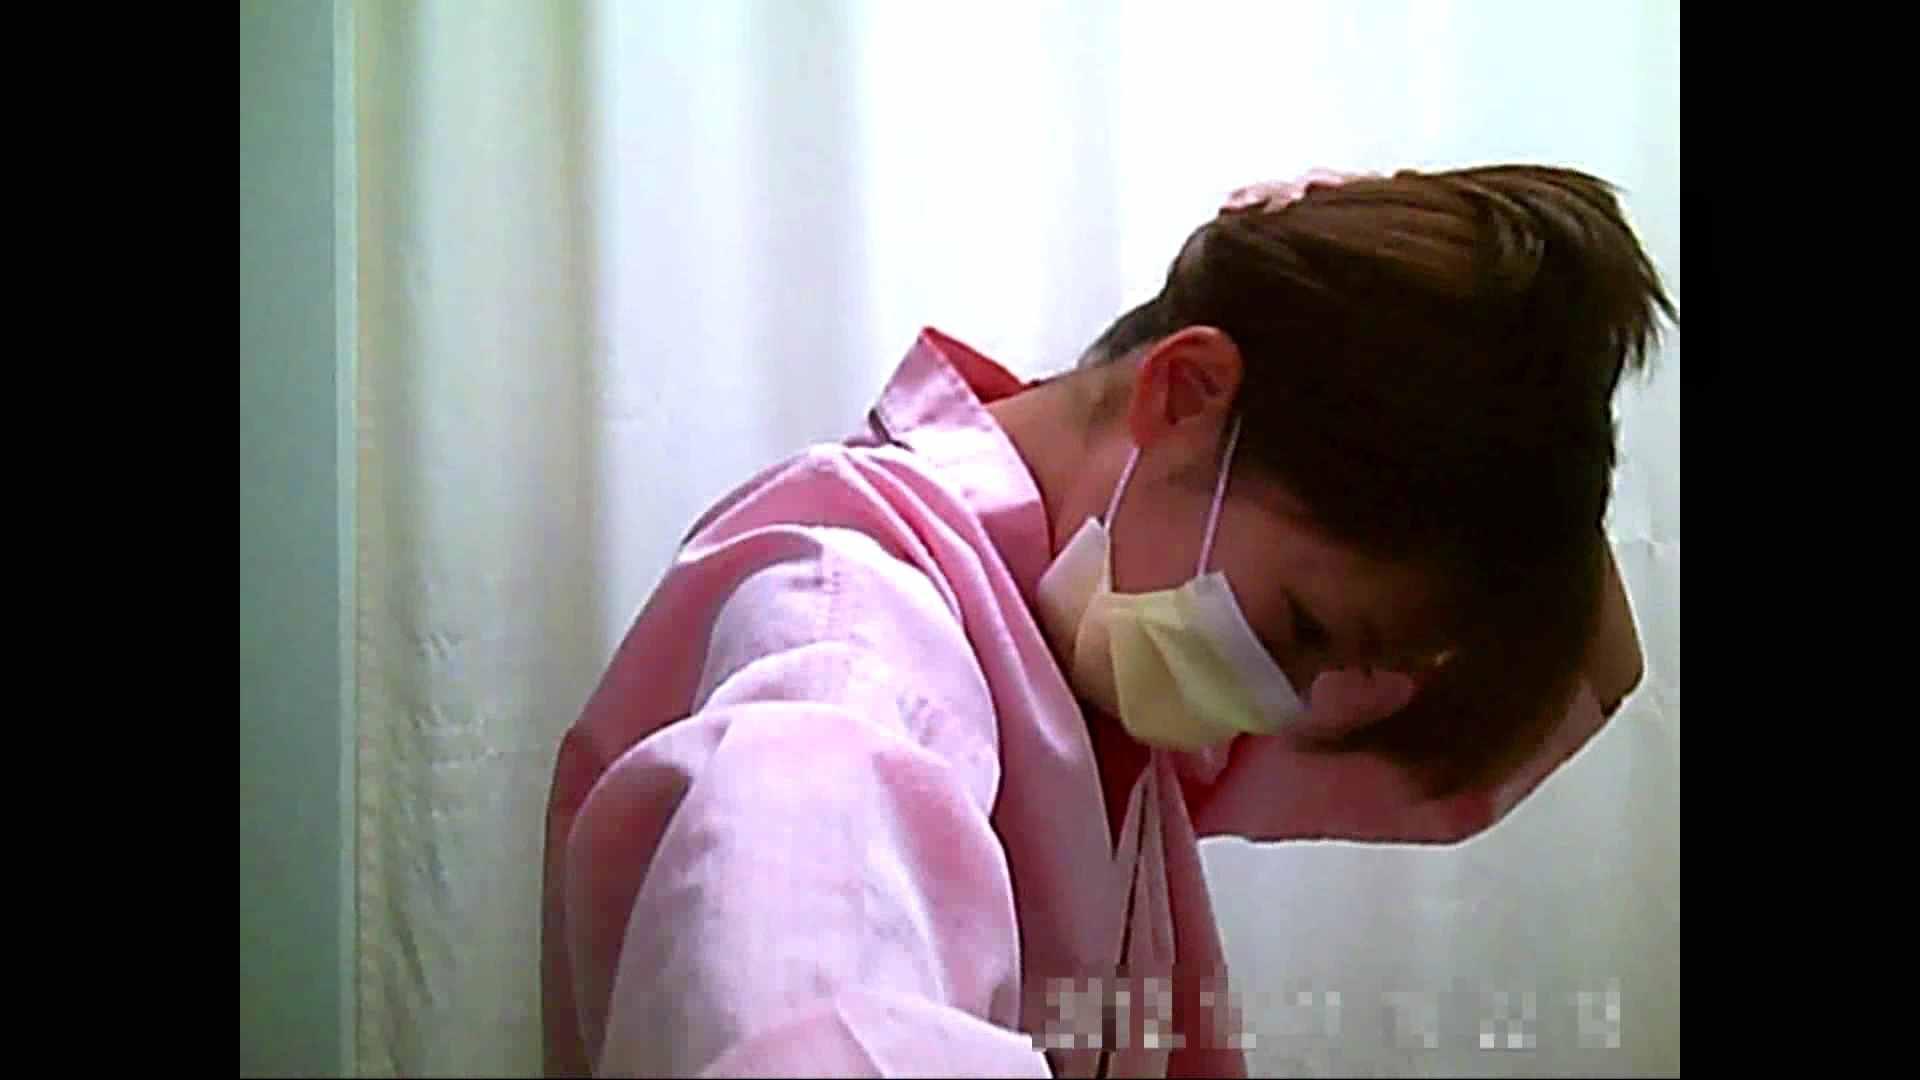 元医者による反抗 更衣室地獄絵巻 vol.122 OL | 0  27連発 7